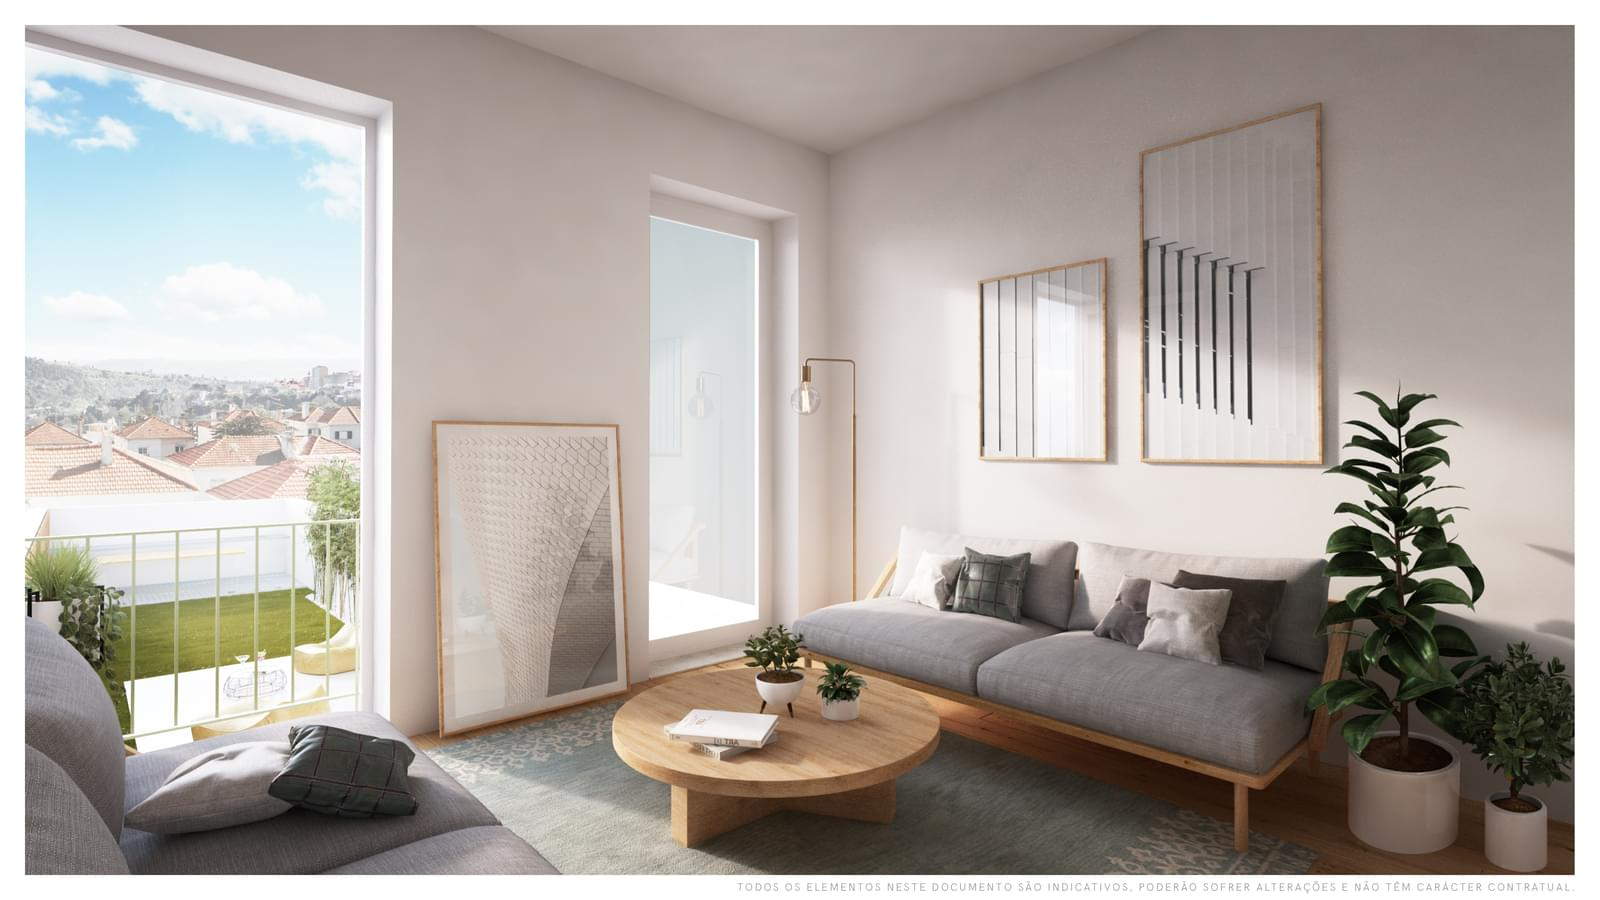 pf17324-apartamento-t2-lisboa-826d0f8a-adfe-4ff1-9598-bcee873fb3c4